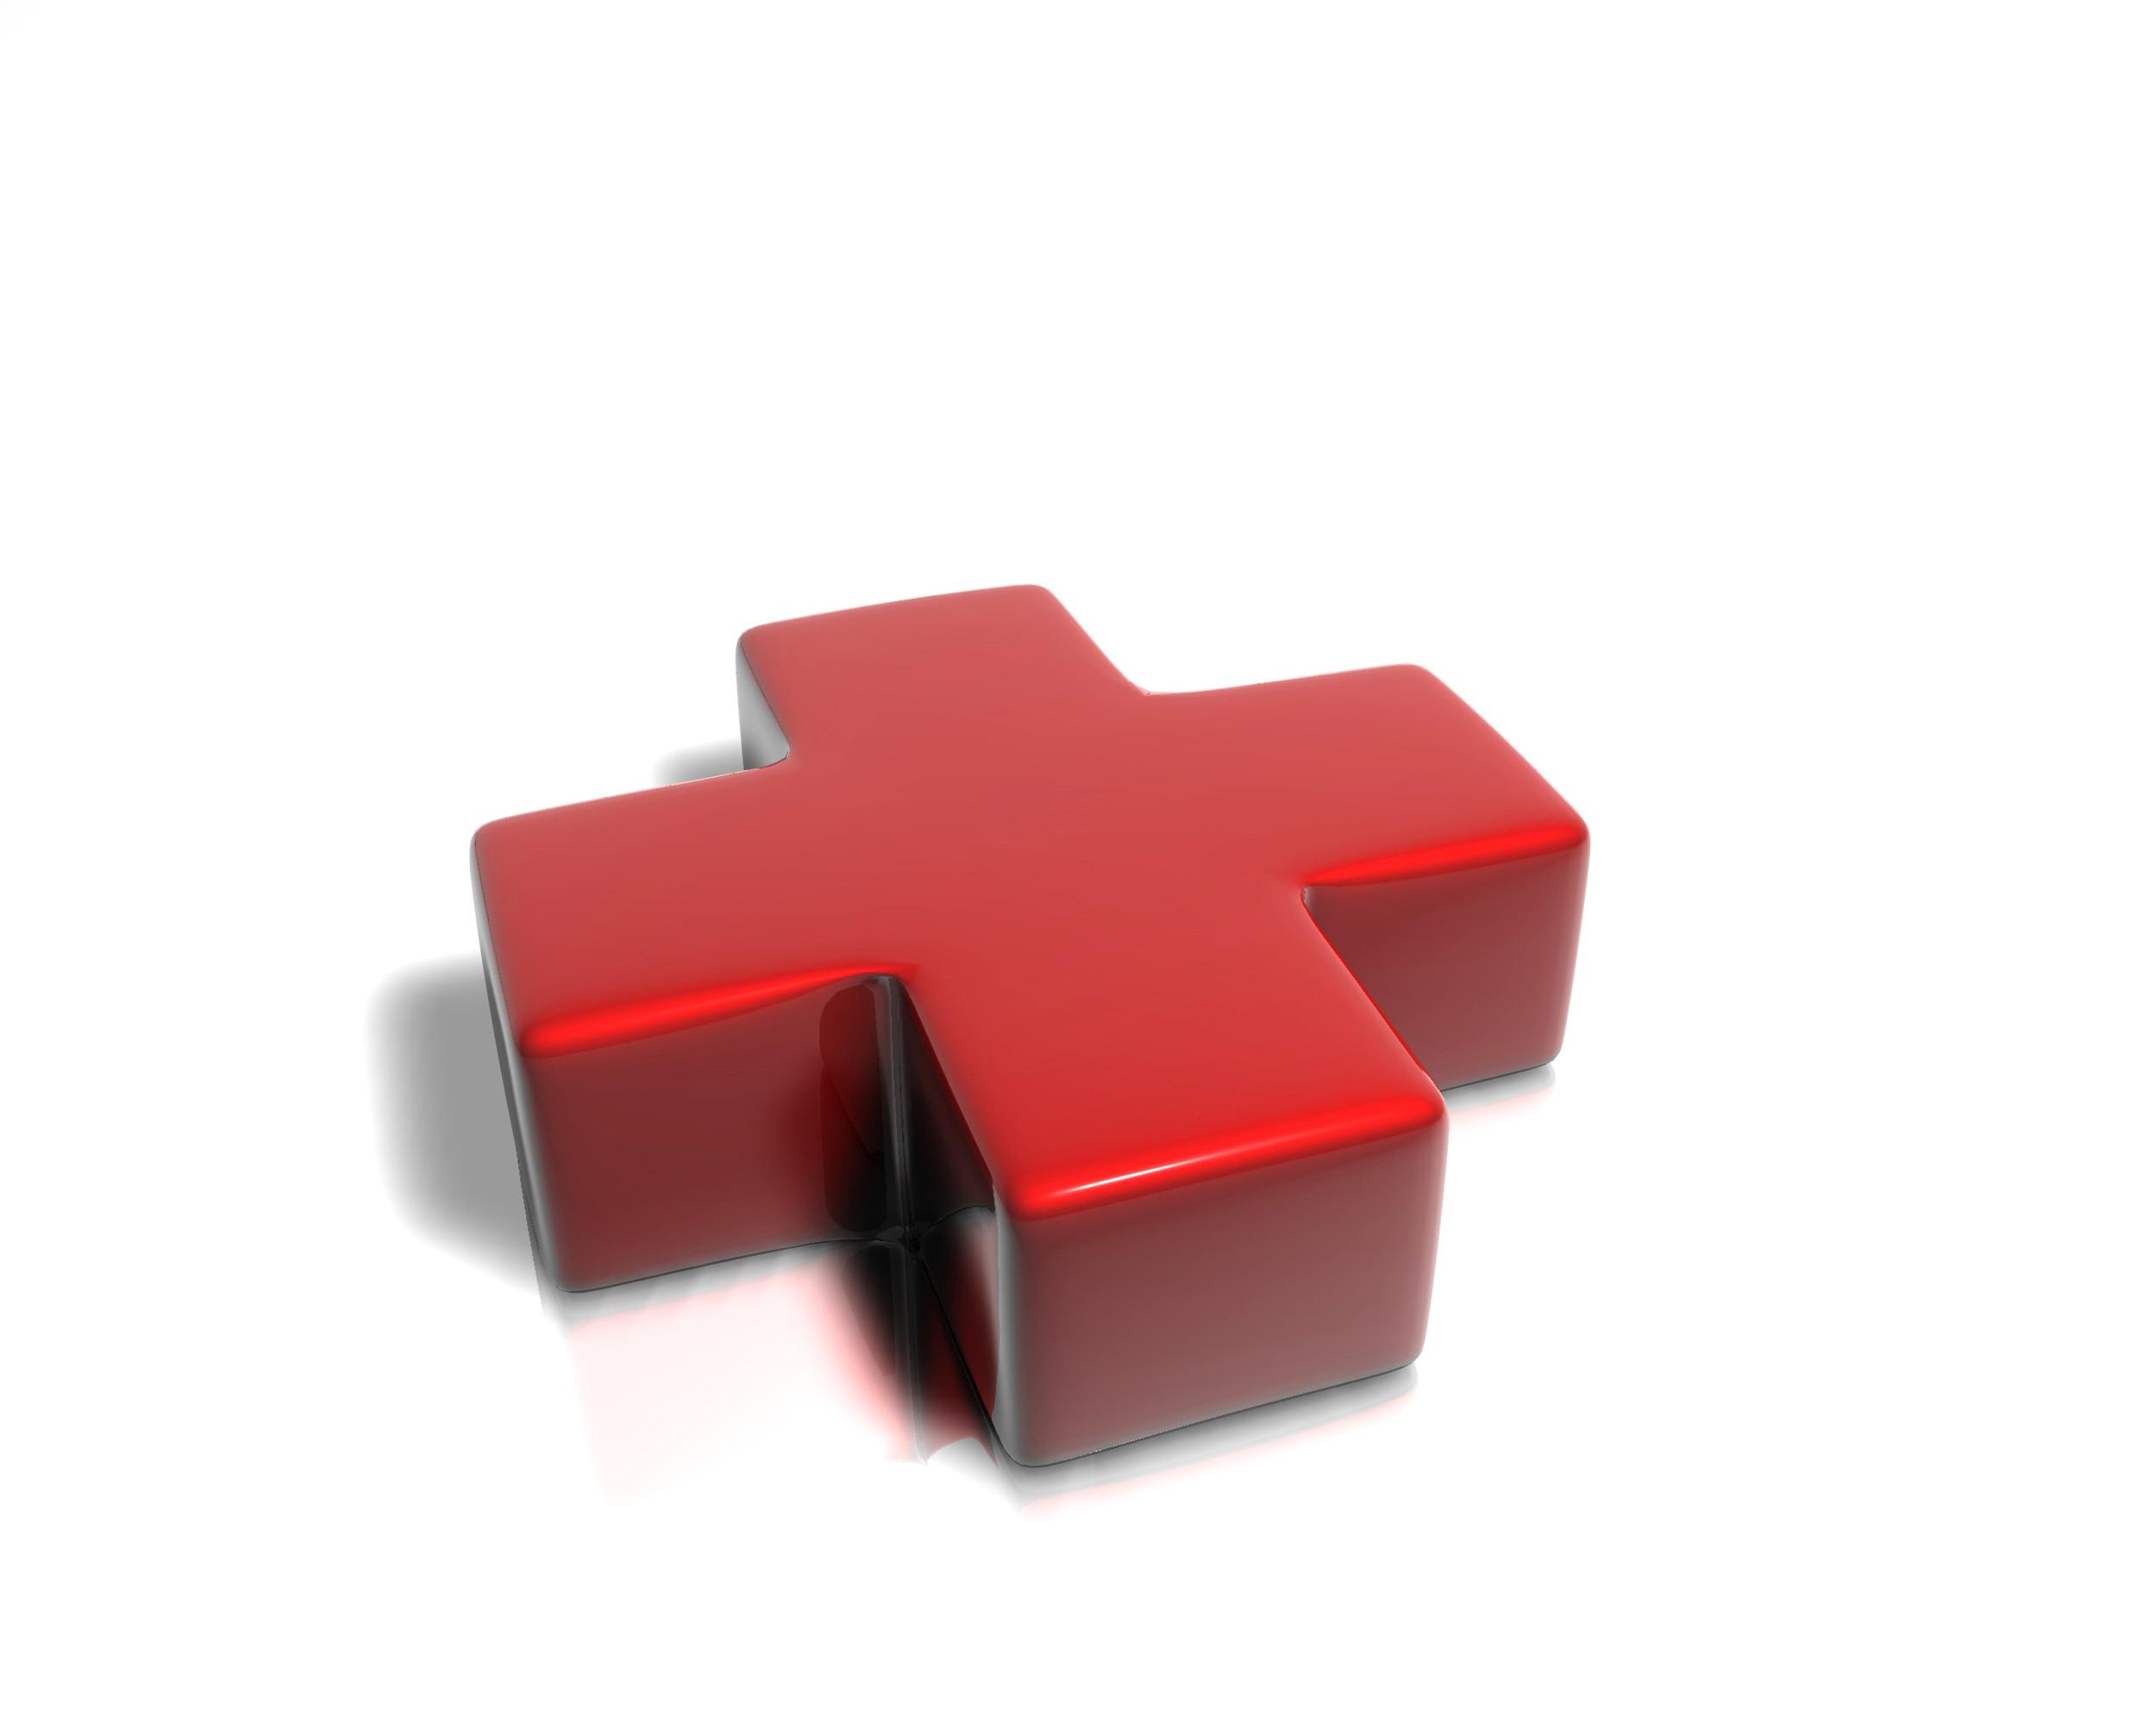 Zbaľte si lekárničku na dovolenku - Katalóg firiem  82bc7ce01e0